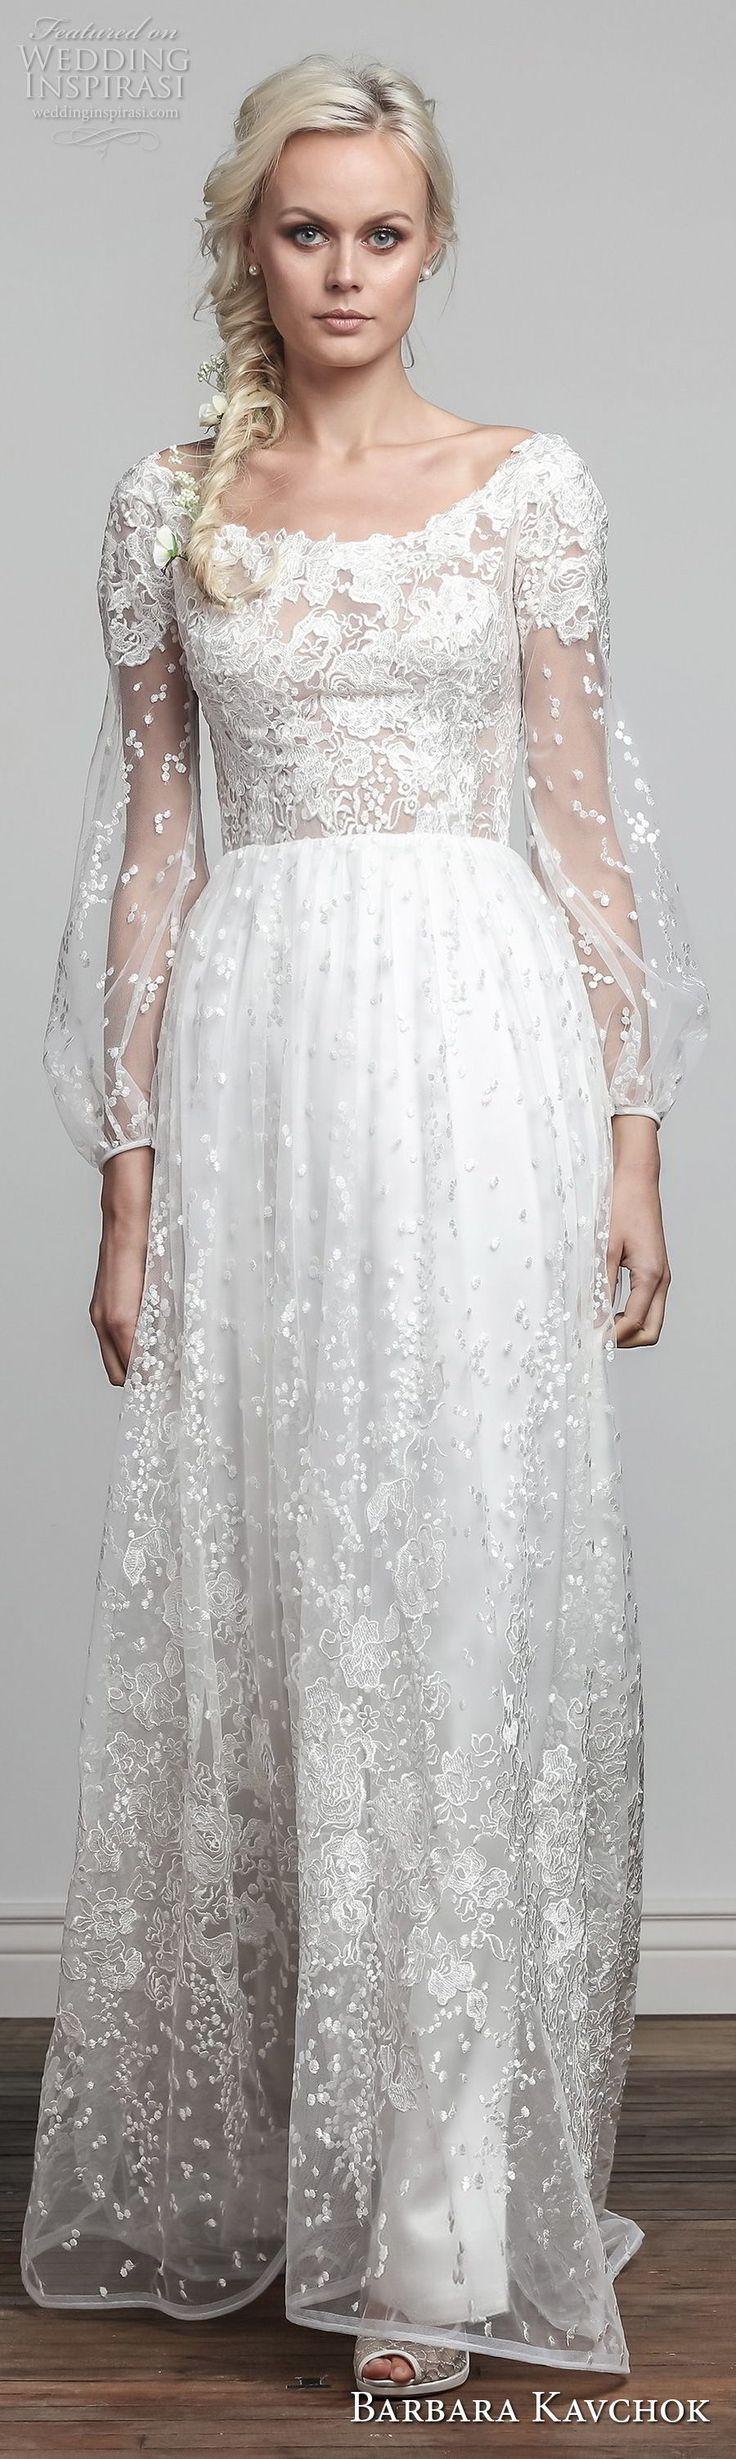 125 besten Kleider Bilder auf Pinterest   Hochzeitskleider ...